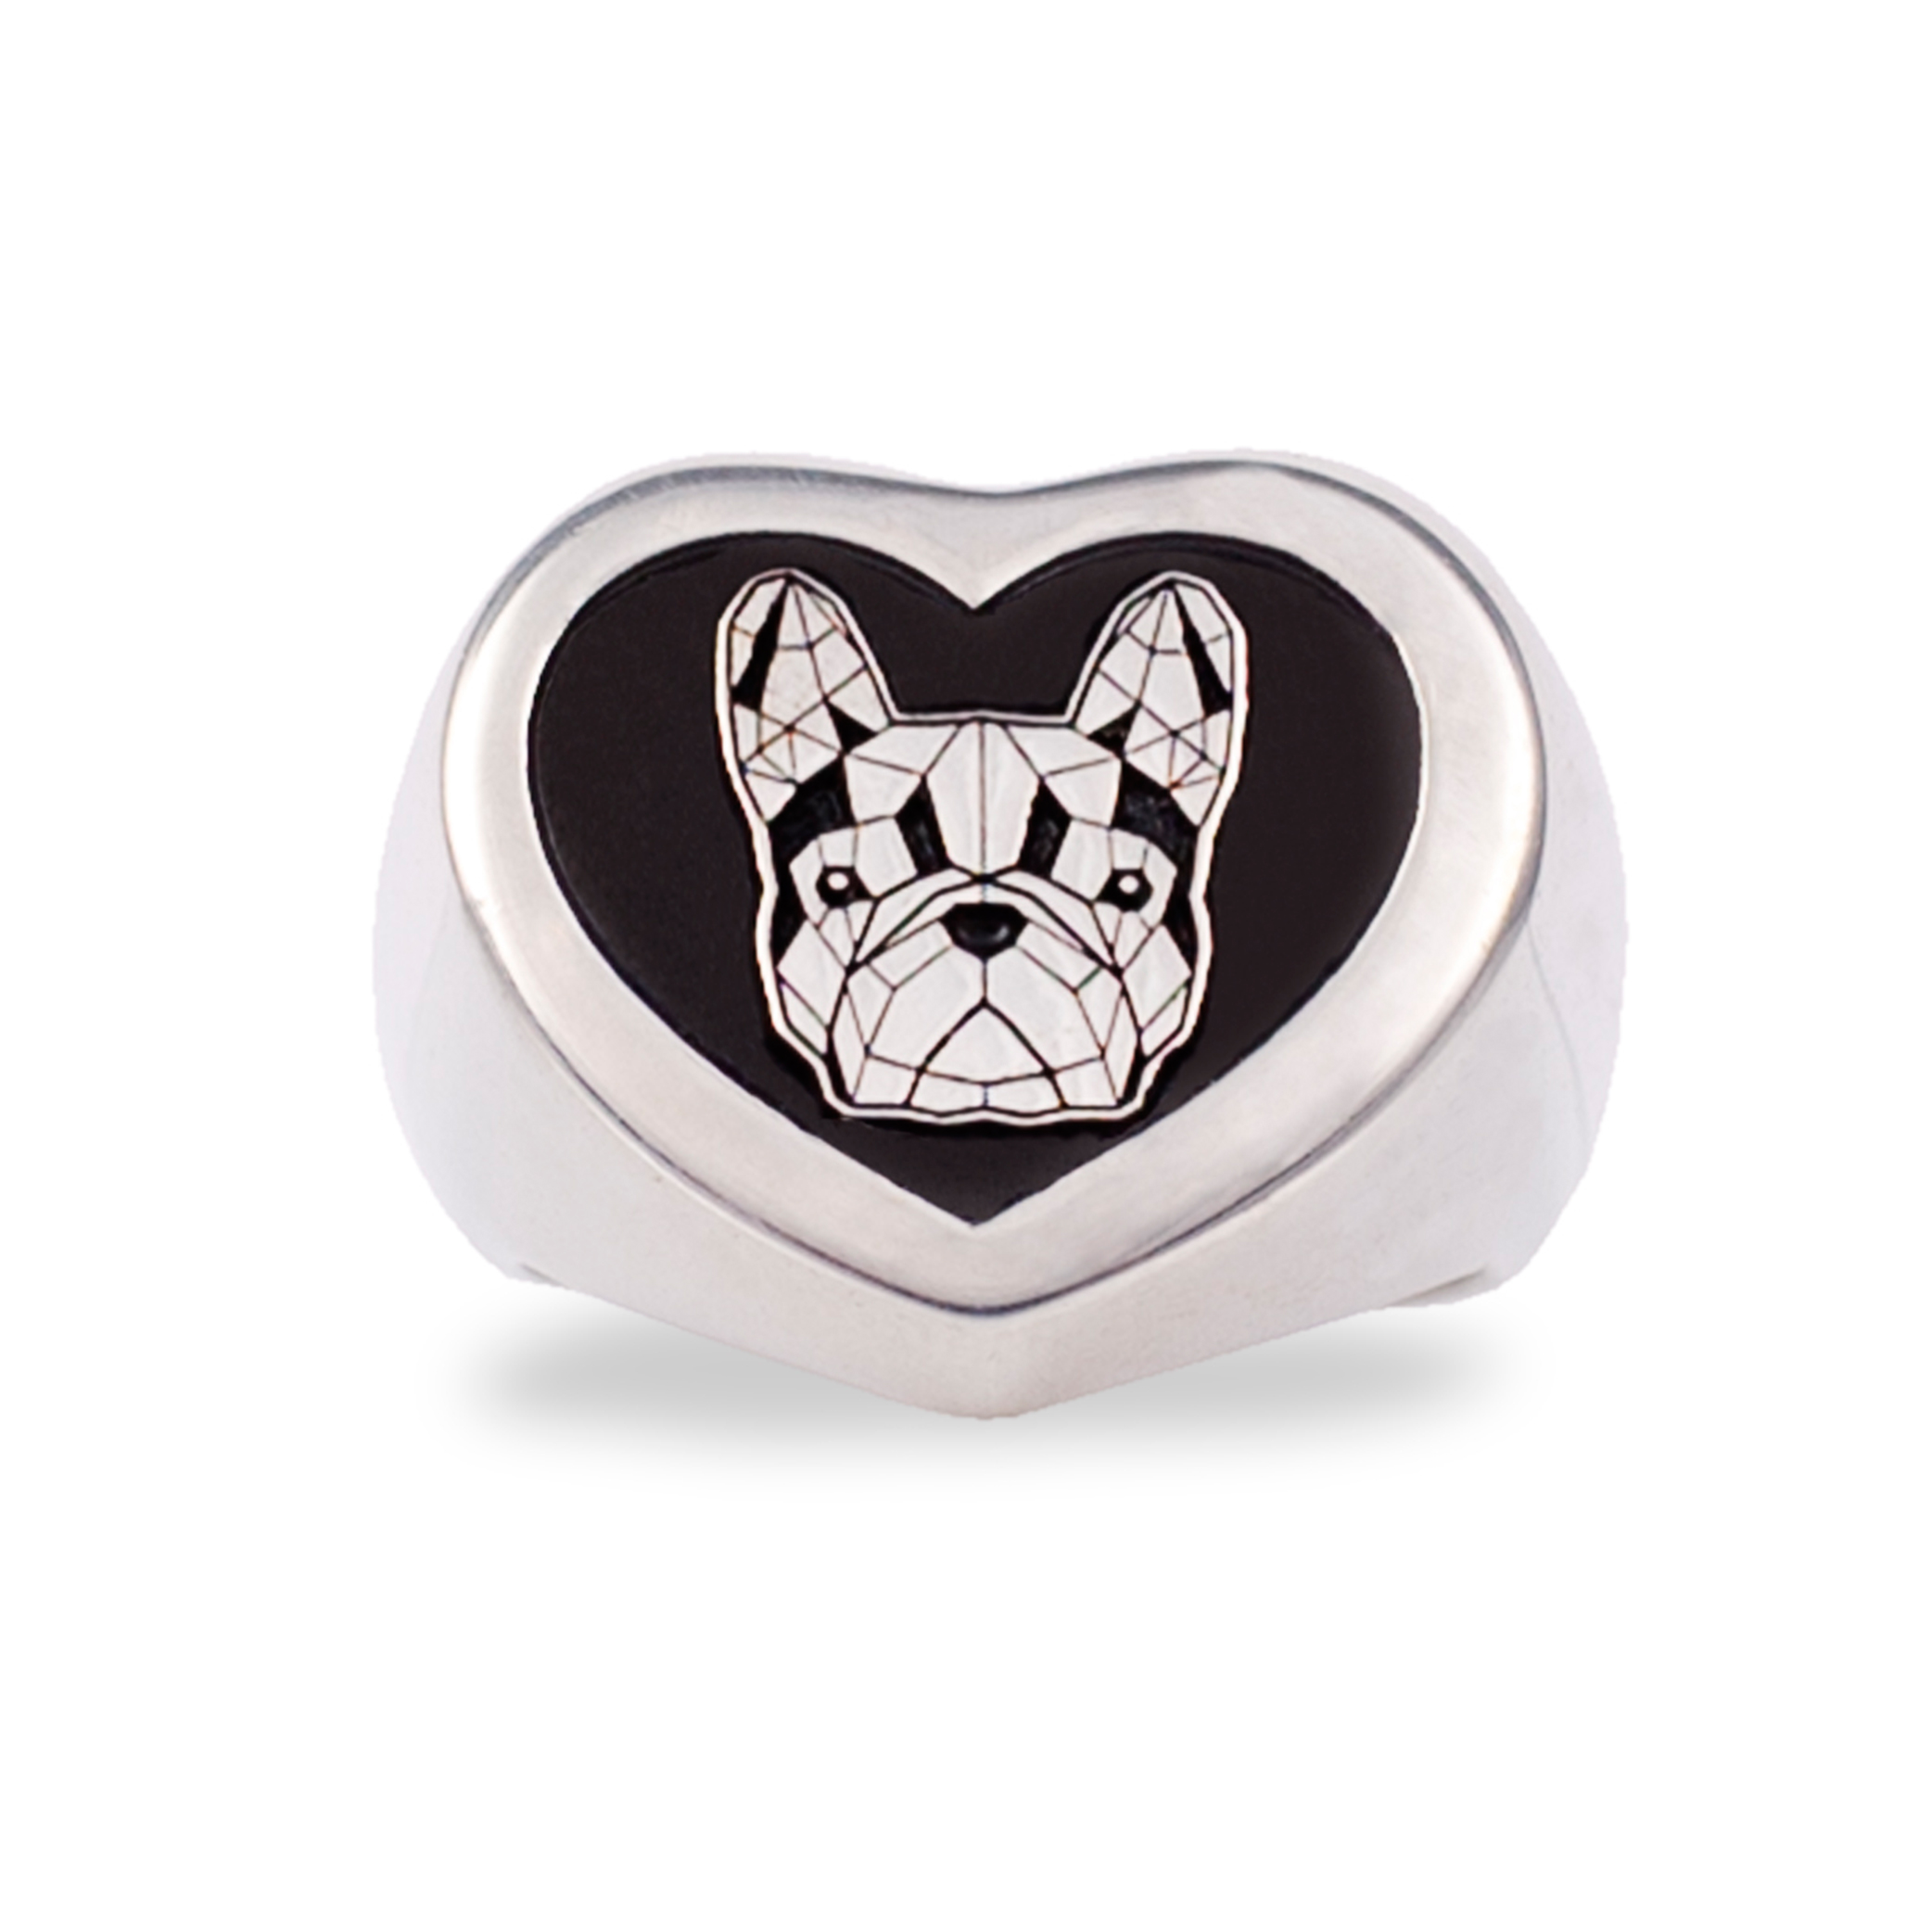 Anello cuore in argento con Bulldog Francese